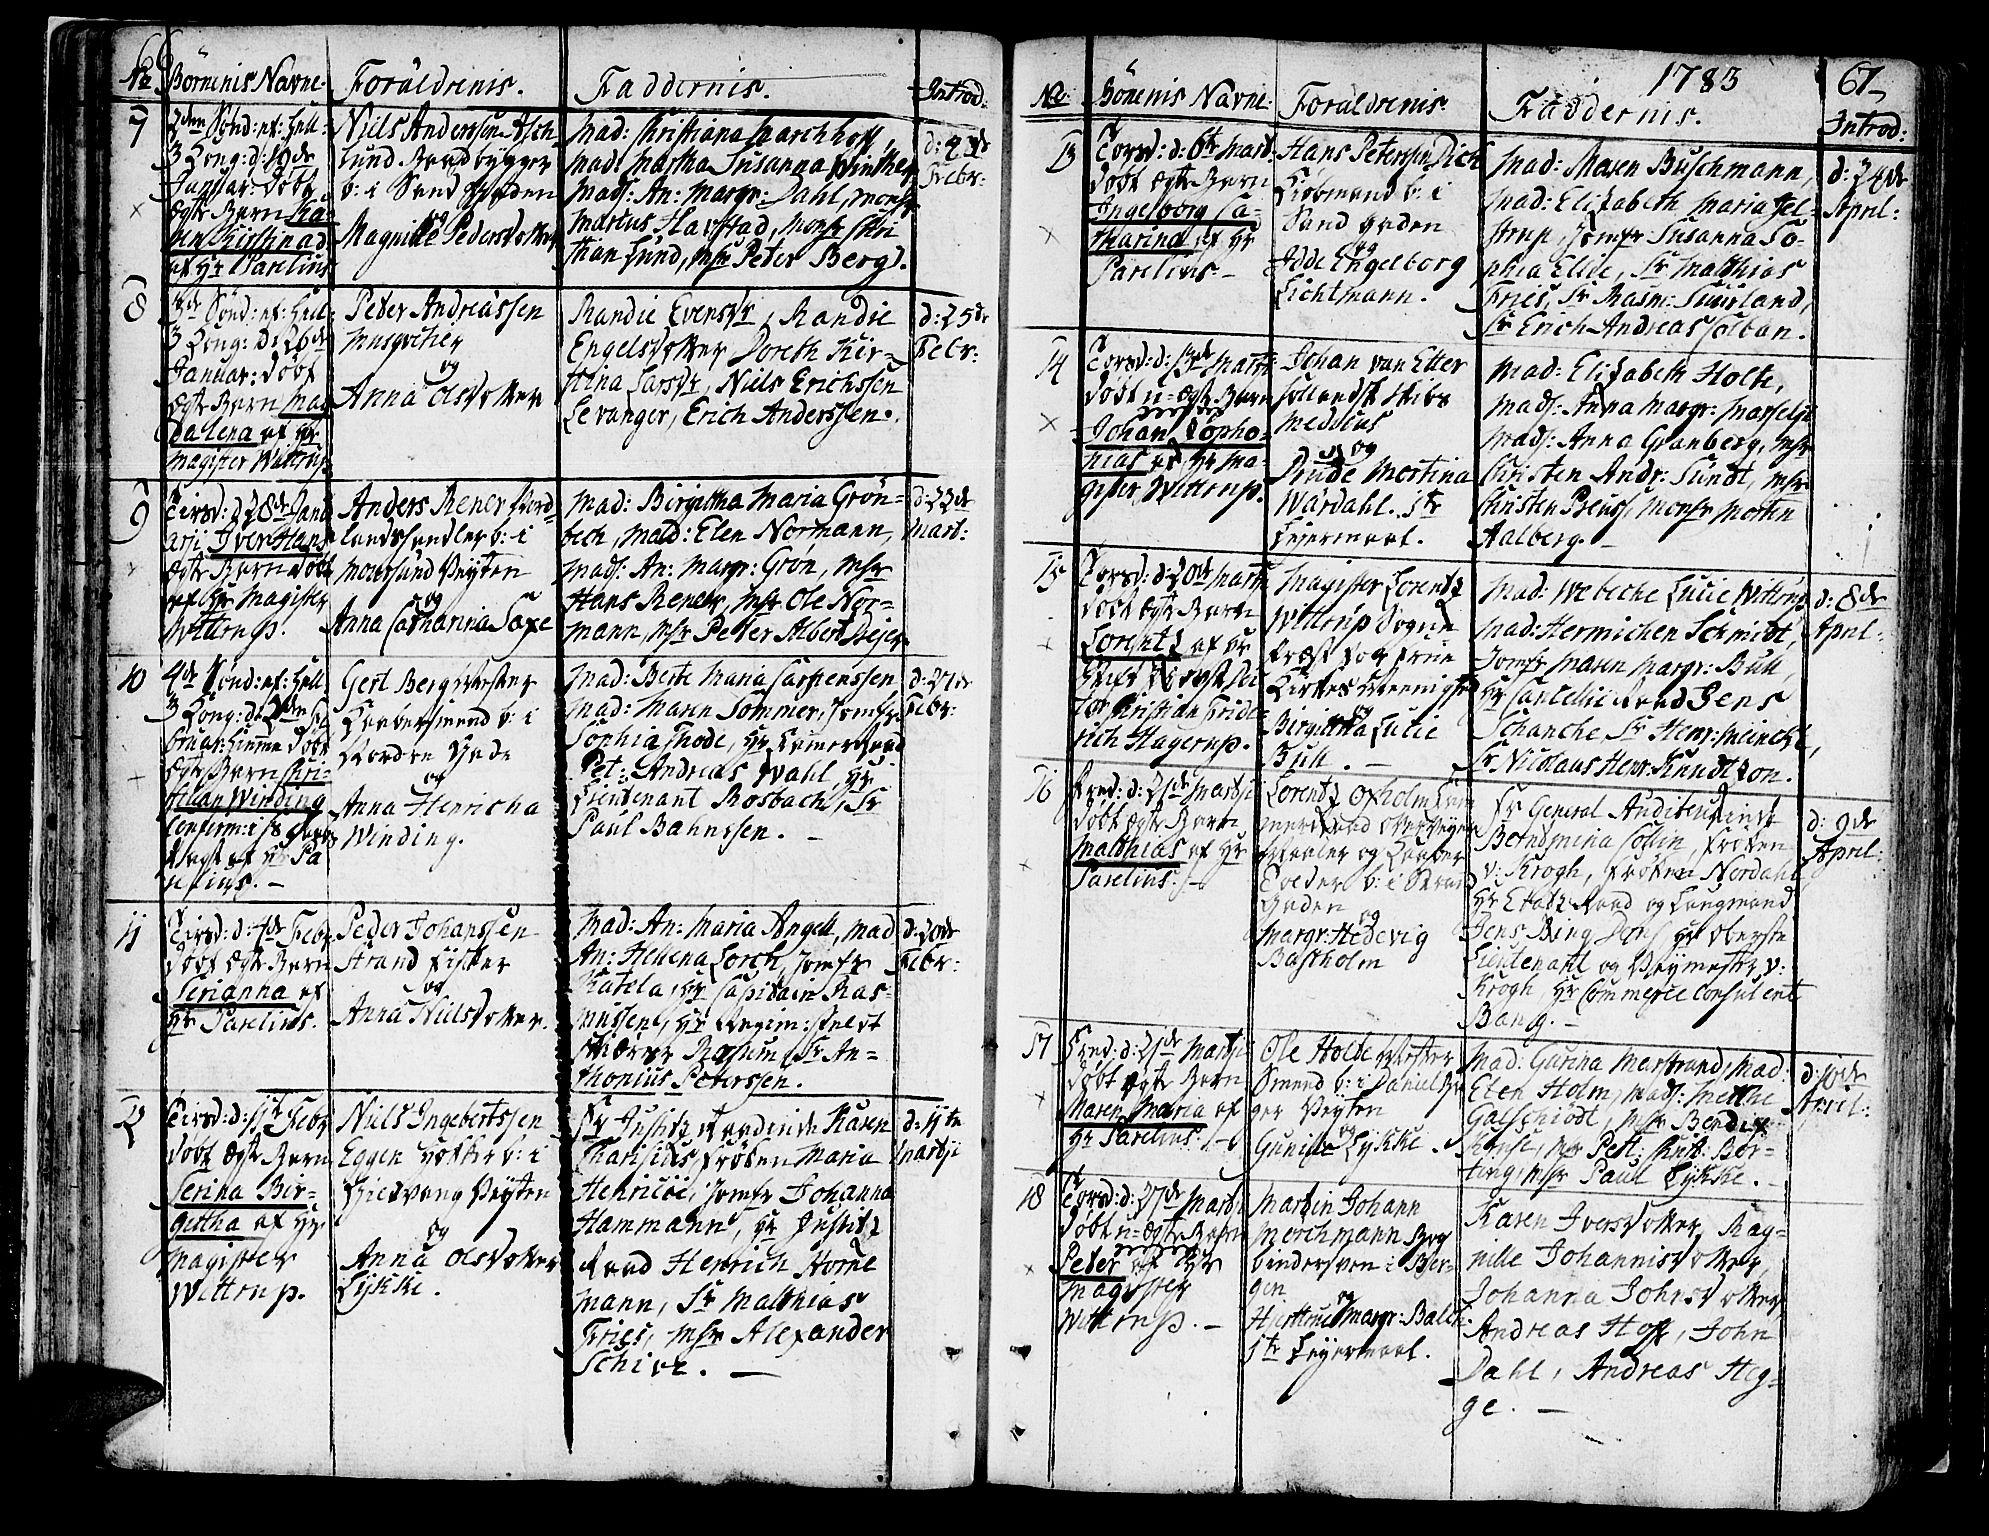 SAT, Ministerialprotokoller, klokkerbøker og fødselsregistre - Sør-Trøndelag, 602/L0104: Ministerialbok nr. 602A02, 1774-1814, s. 66-67